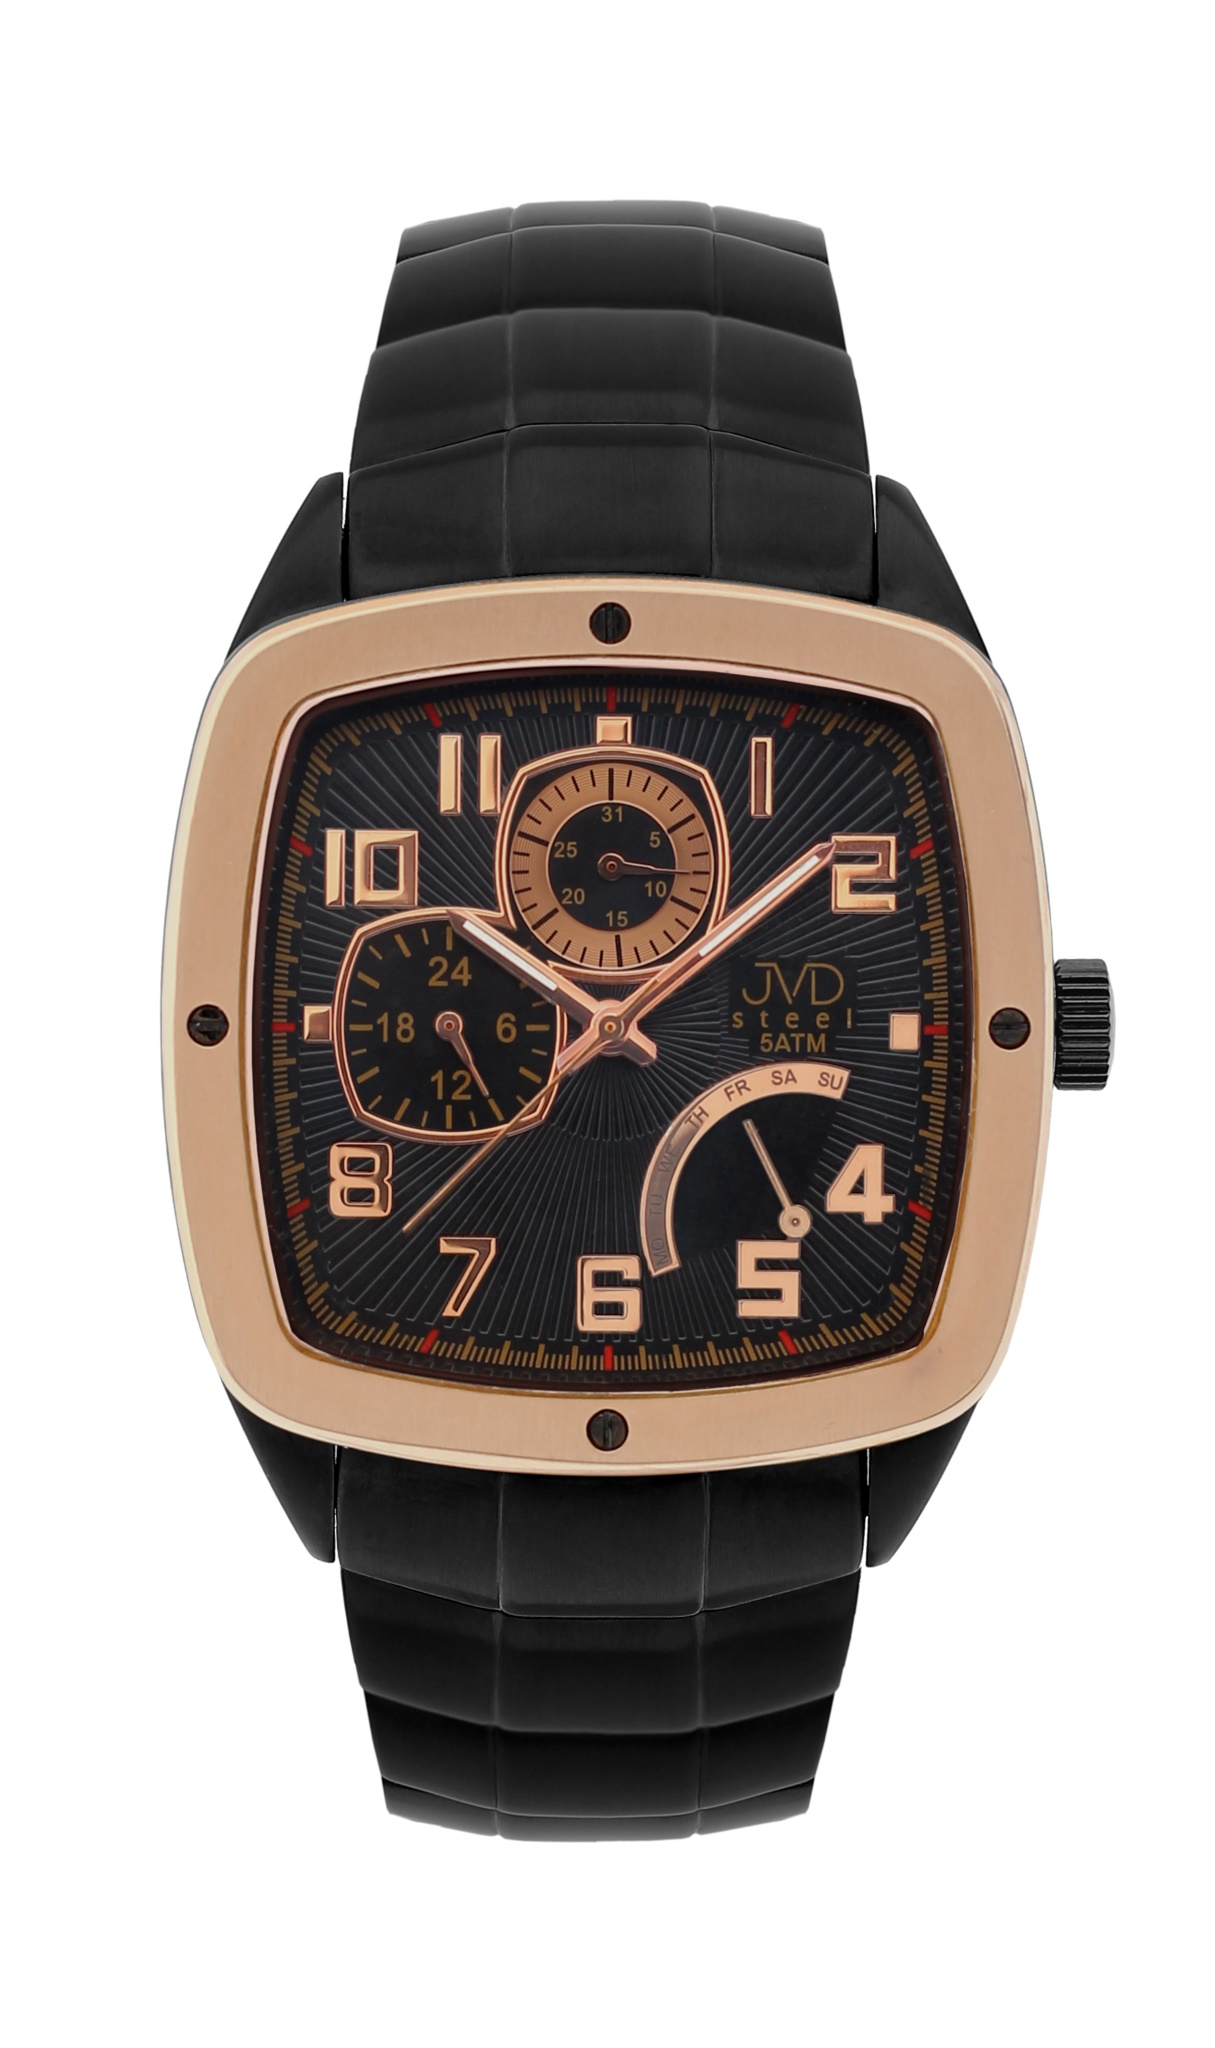 Pánské vodoodolené hranaté exkluzivní náramkové hodinky J1021.1 - 5ATM (POŠTOVNÉ ZDARMA!!)